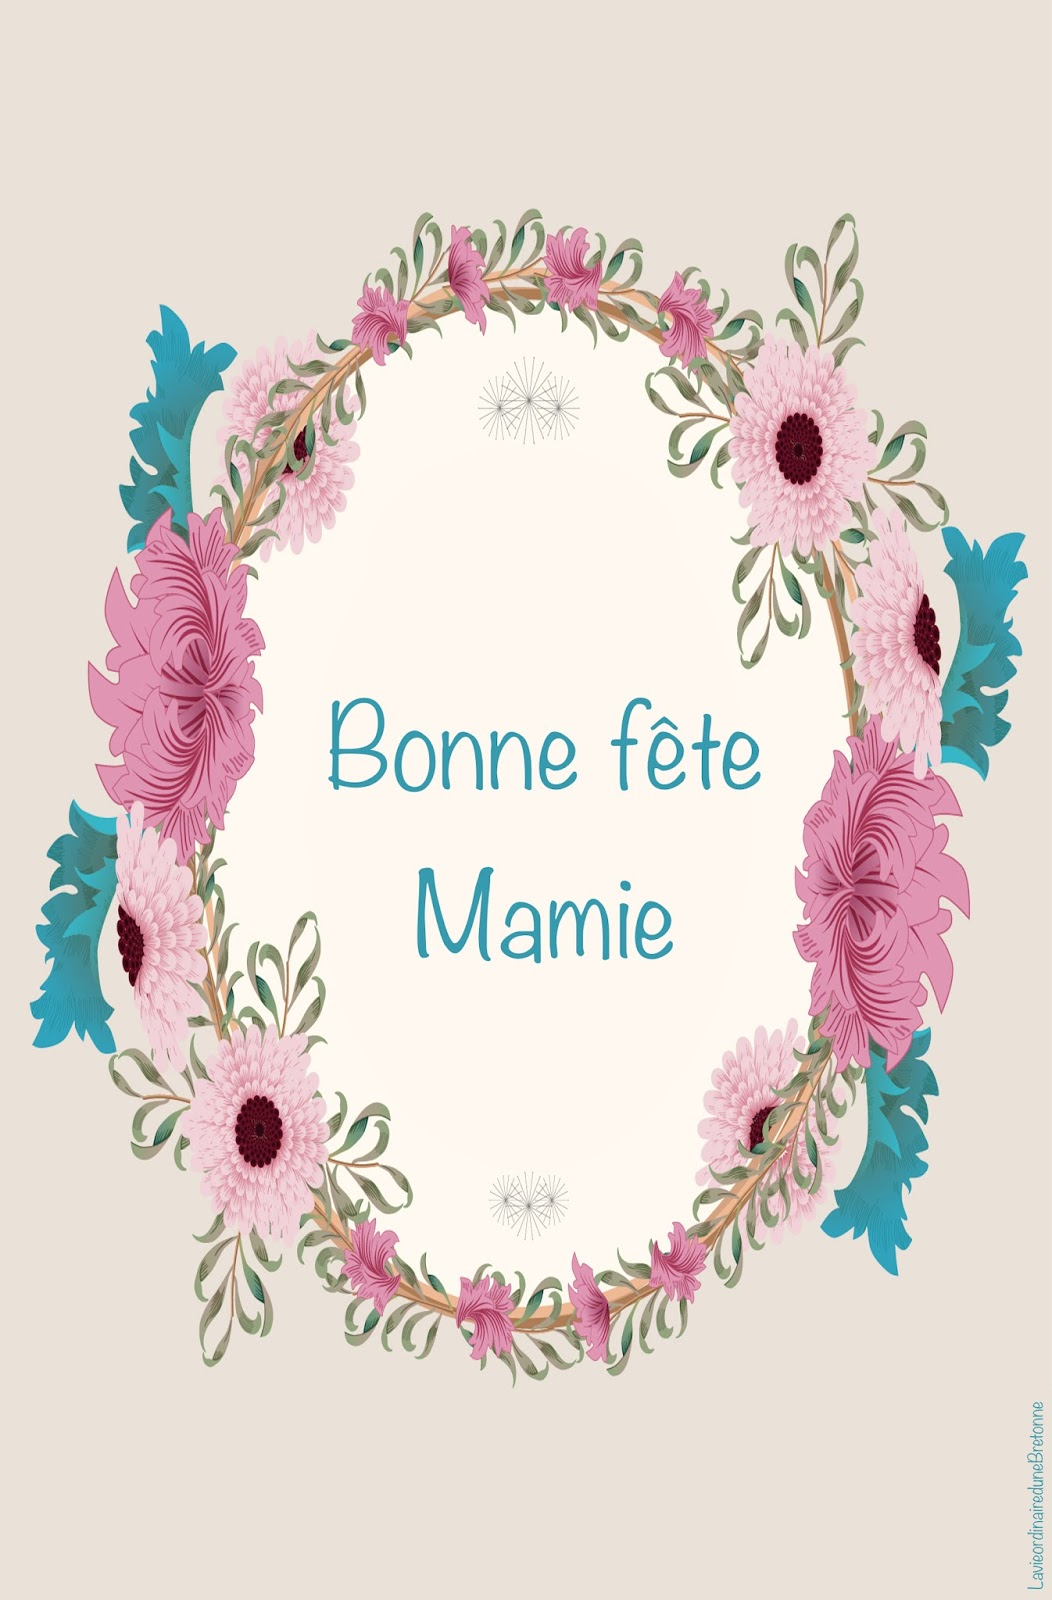 La vie ordinaire d 39 une bretonne free printable carte bonne f te mamie - Carte bonne fete mamie a imprimer ...